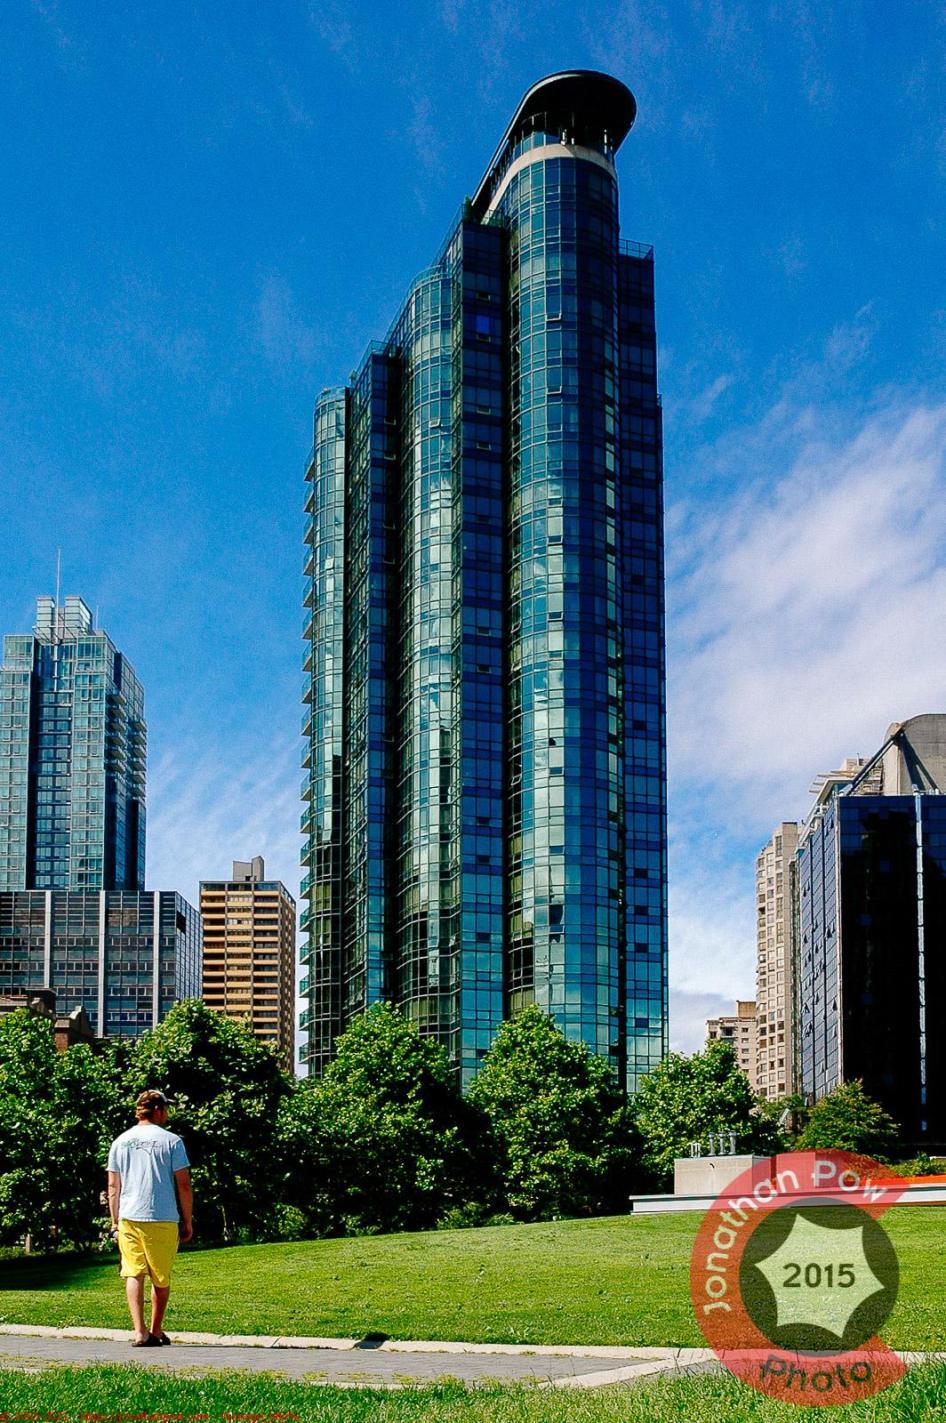 Harbourside Park II, 555 Jervis Street - Building & Condo